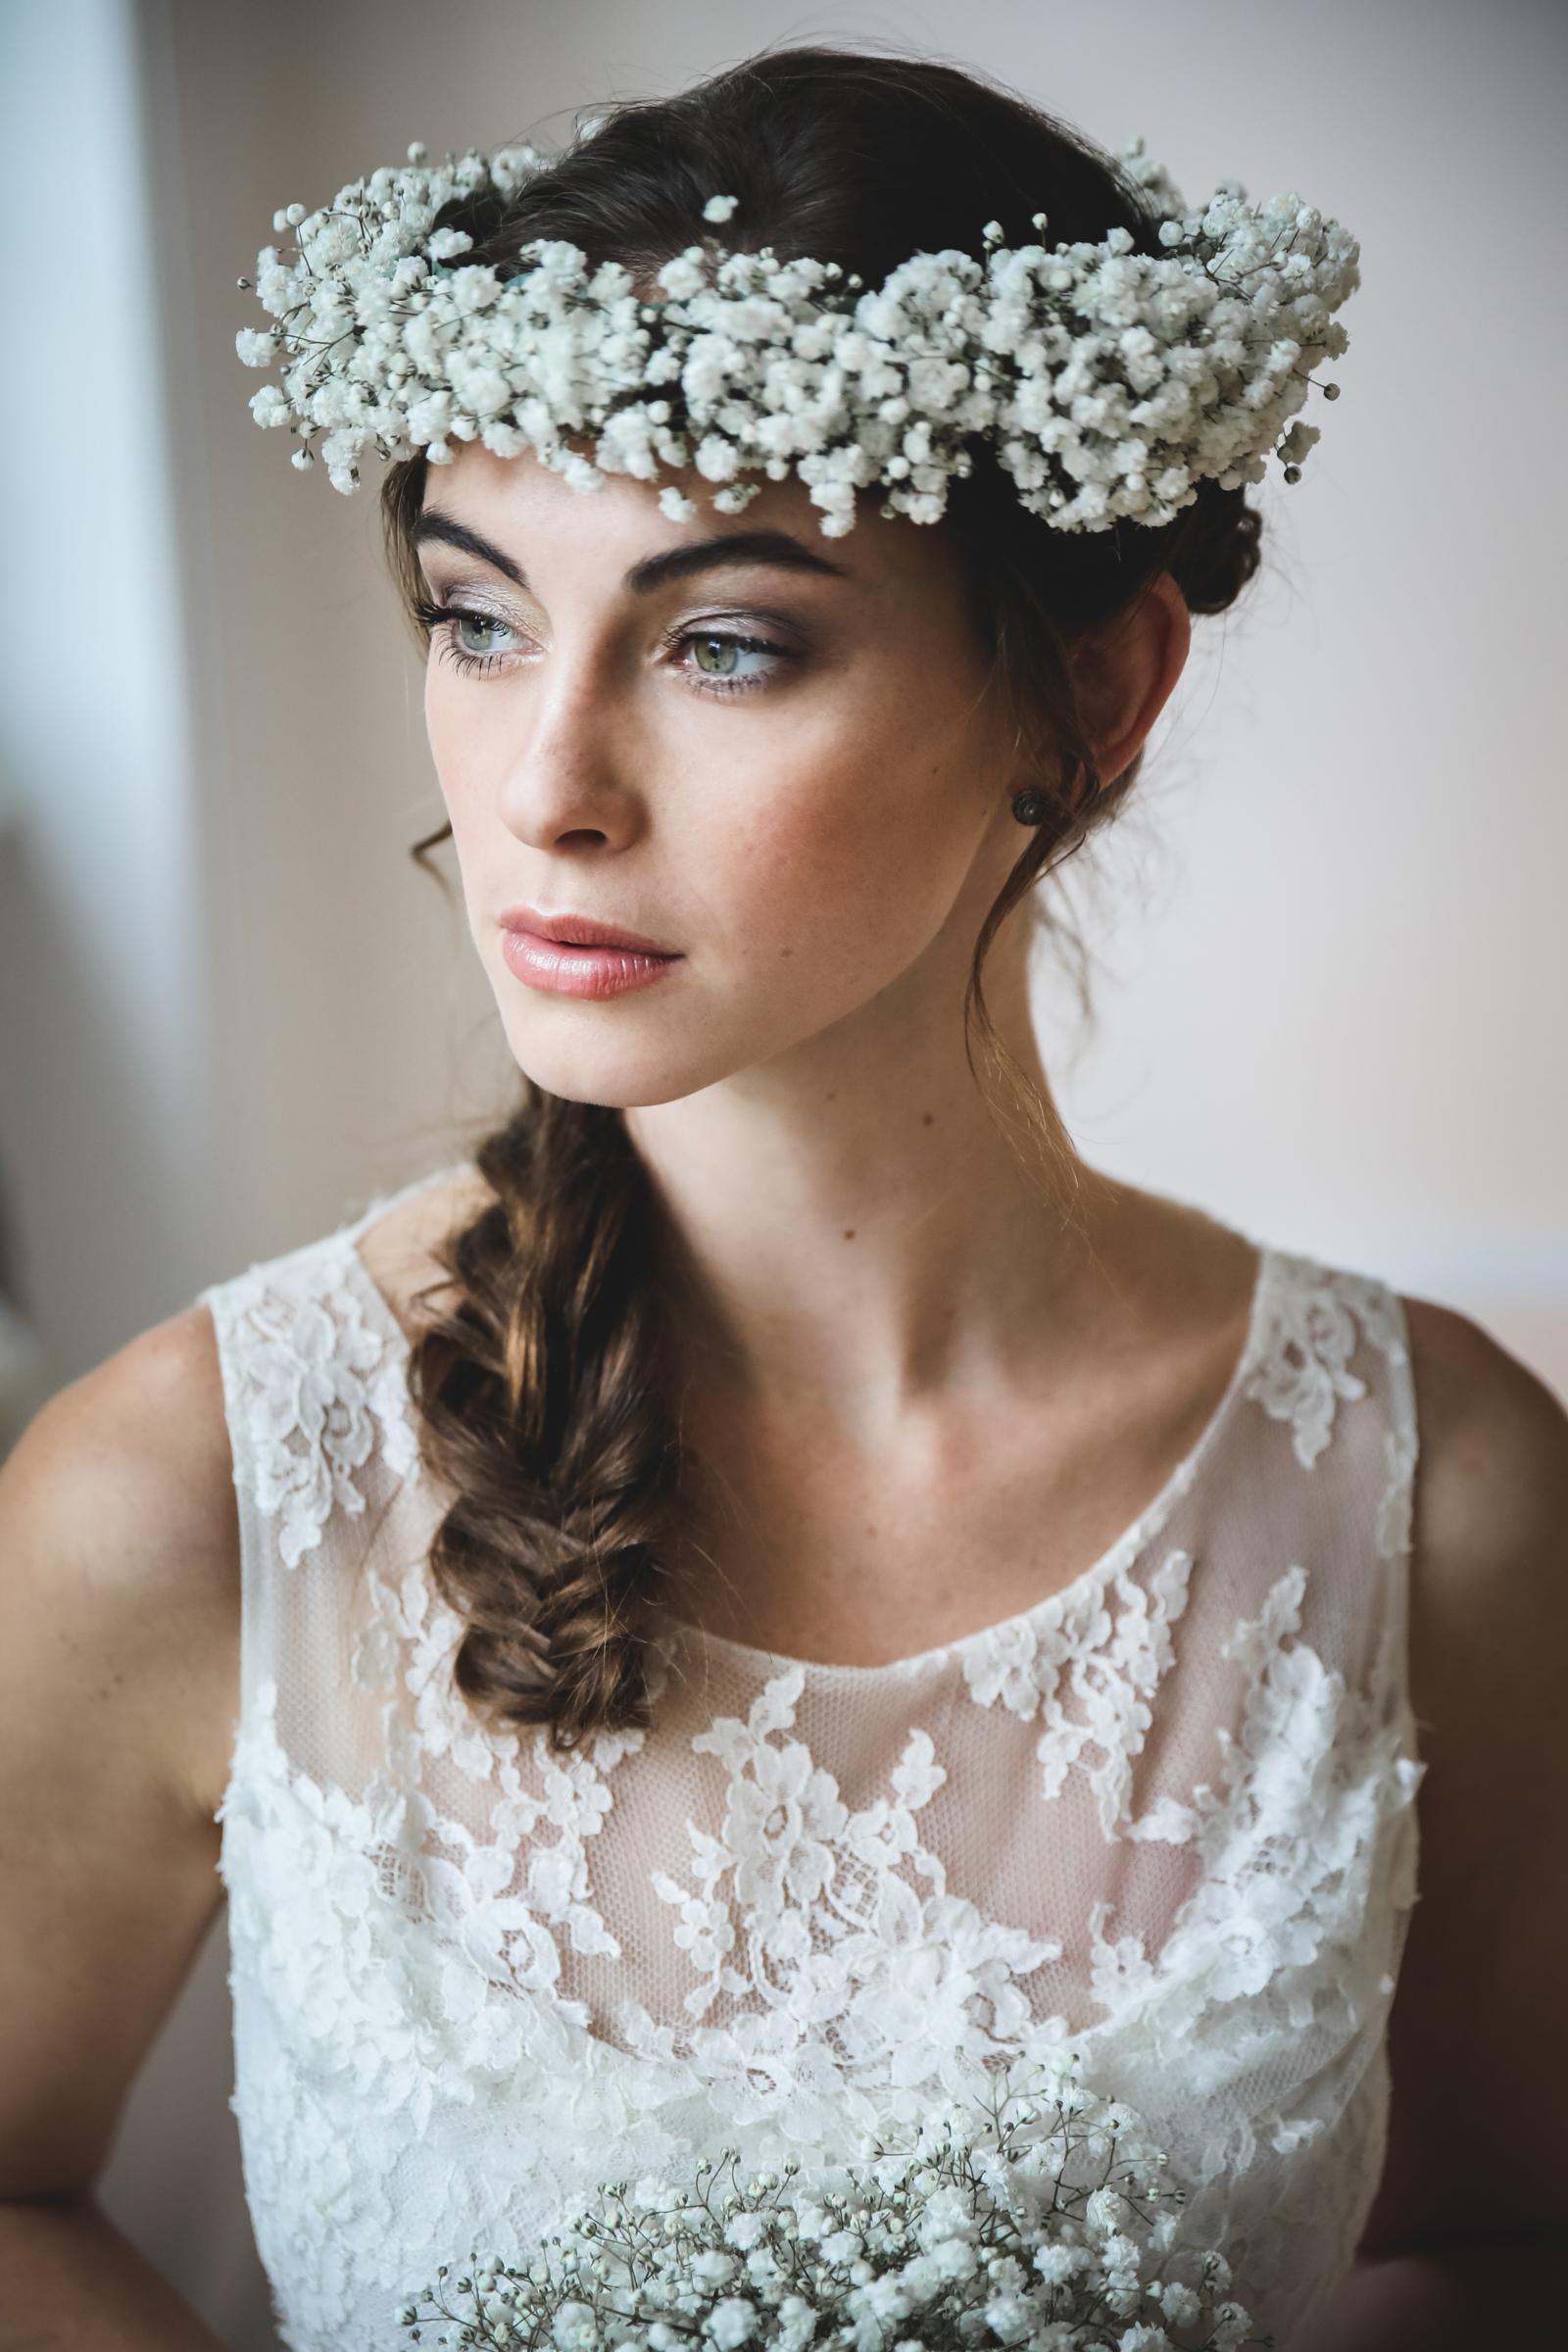 Elegant bridal portrait with floral crown - photo by Julien Laurent-Georges